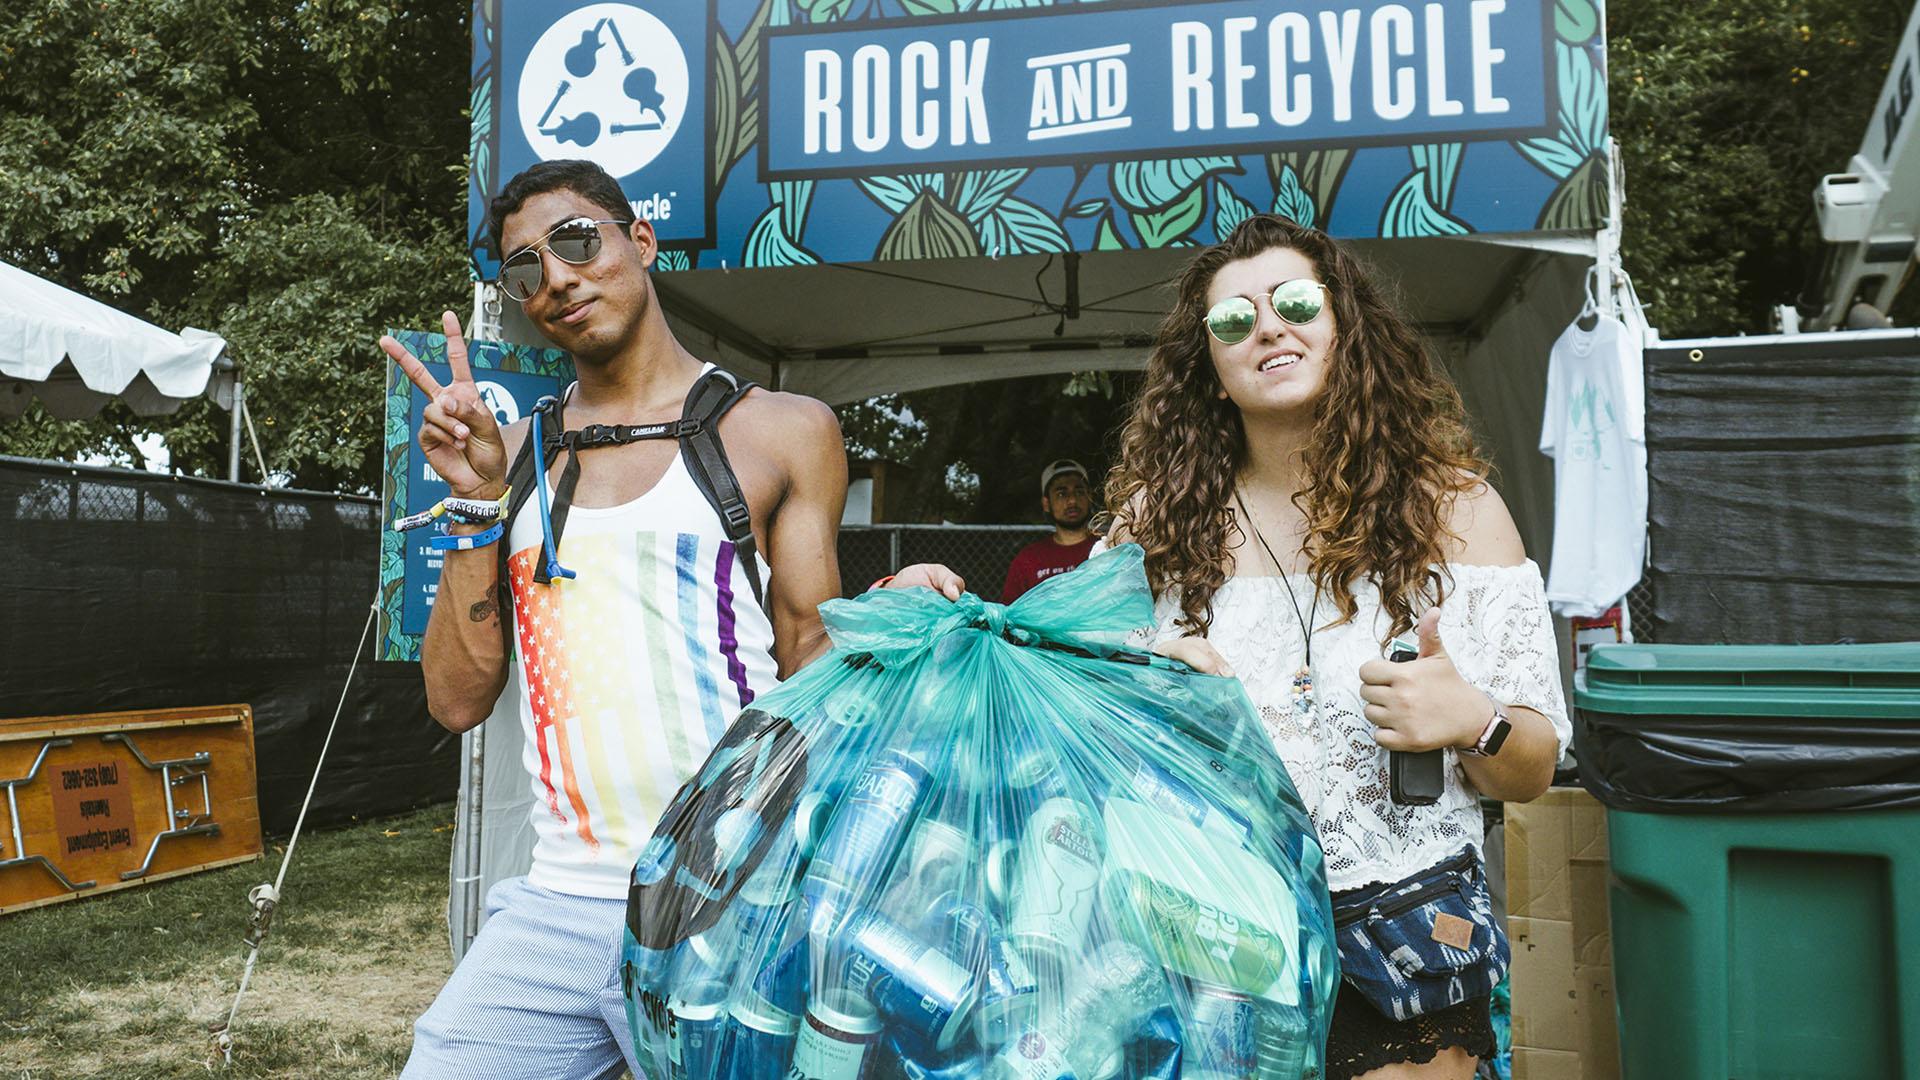 La conciencia ambiental estuvo presente durante todo el festival.